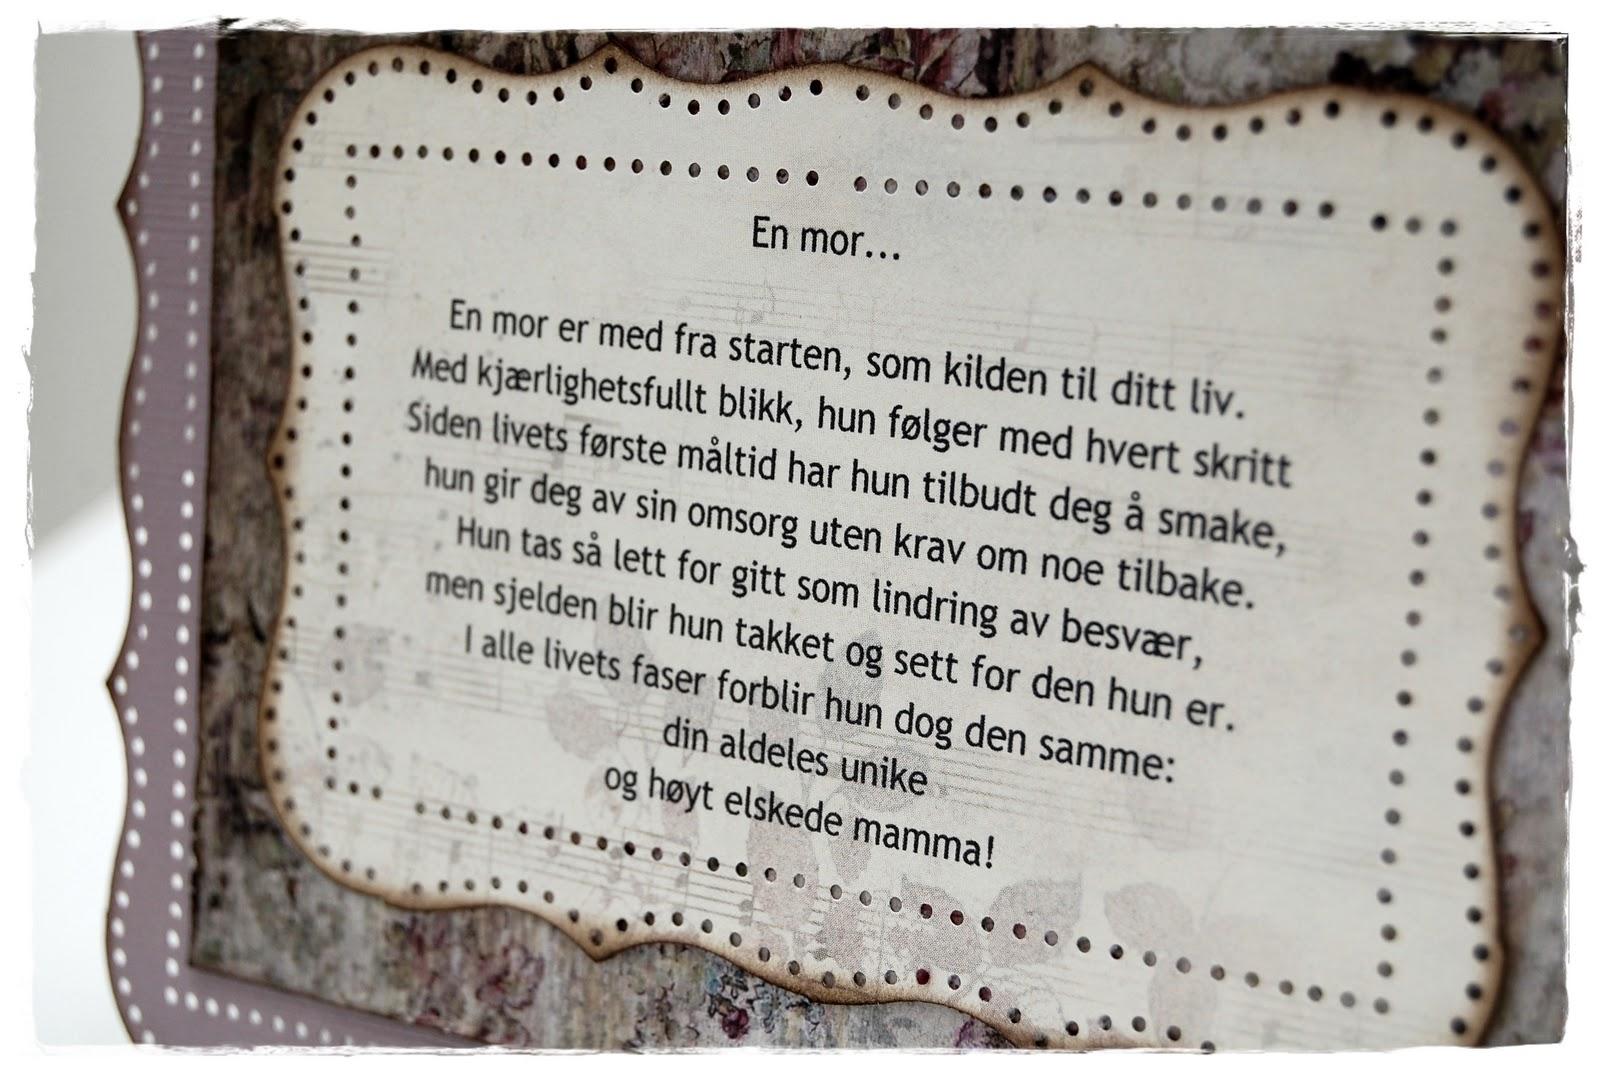 beste dating sider i norge Holmestrand